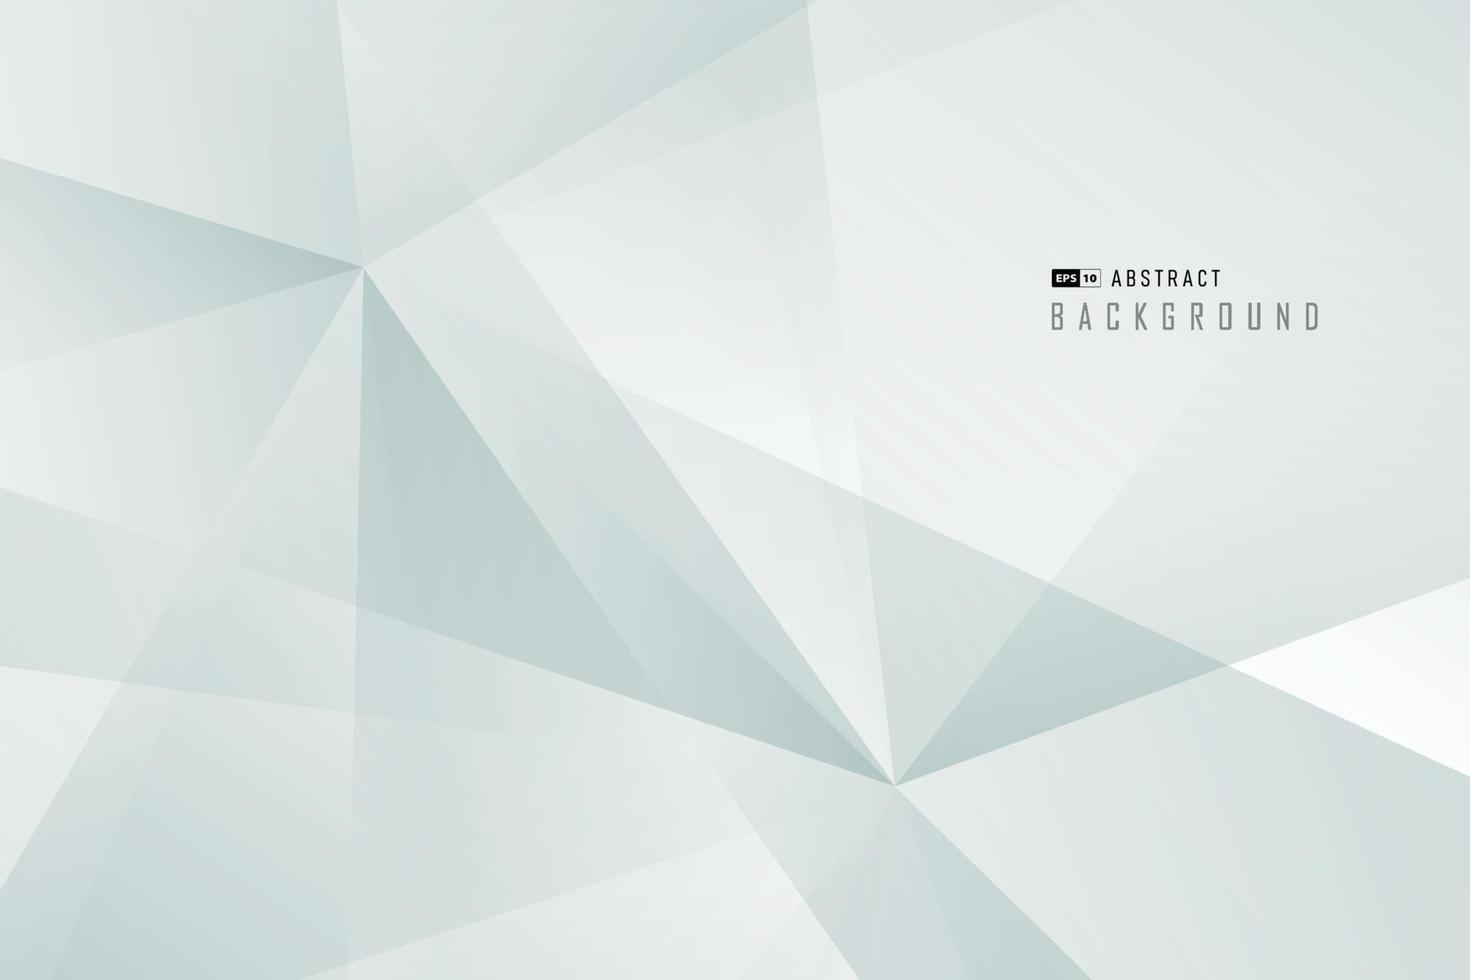 abstrakt framtid mjuk grön polygon dekoration design bakgrund. illustration vektor